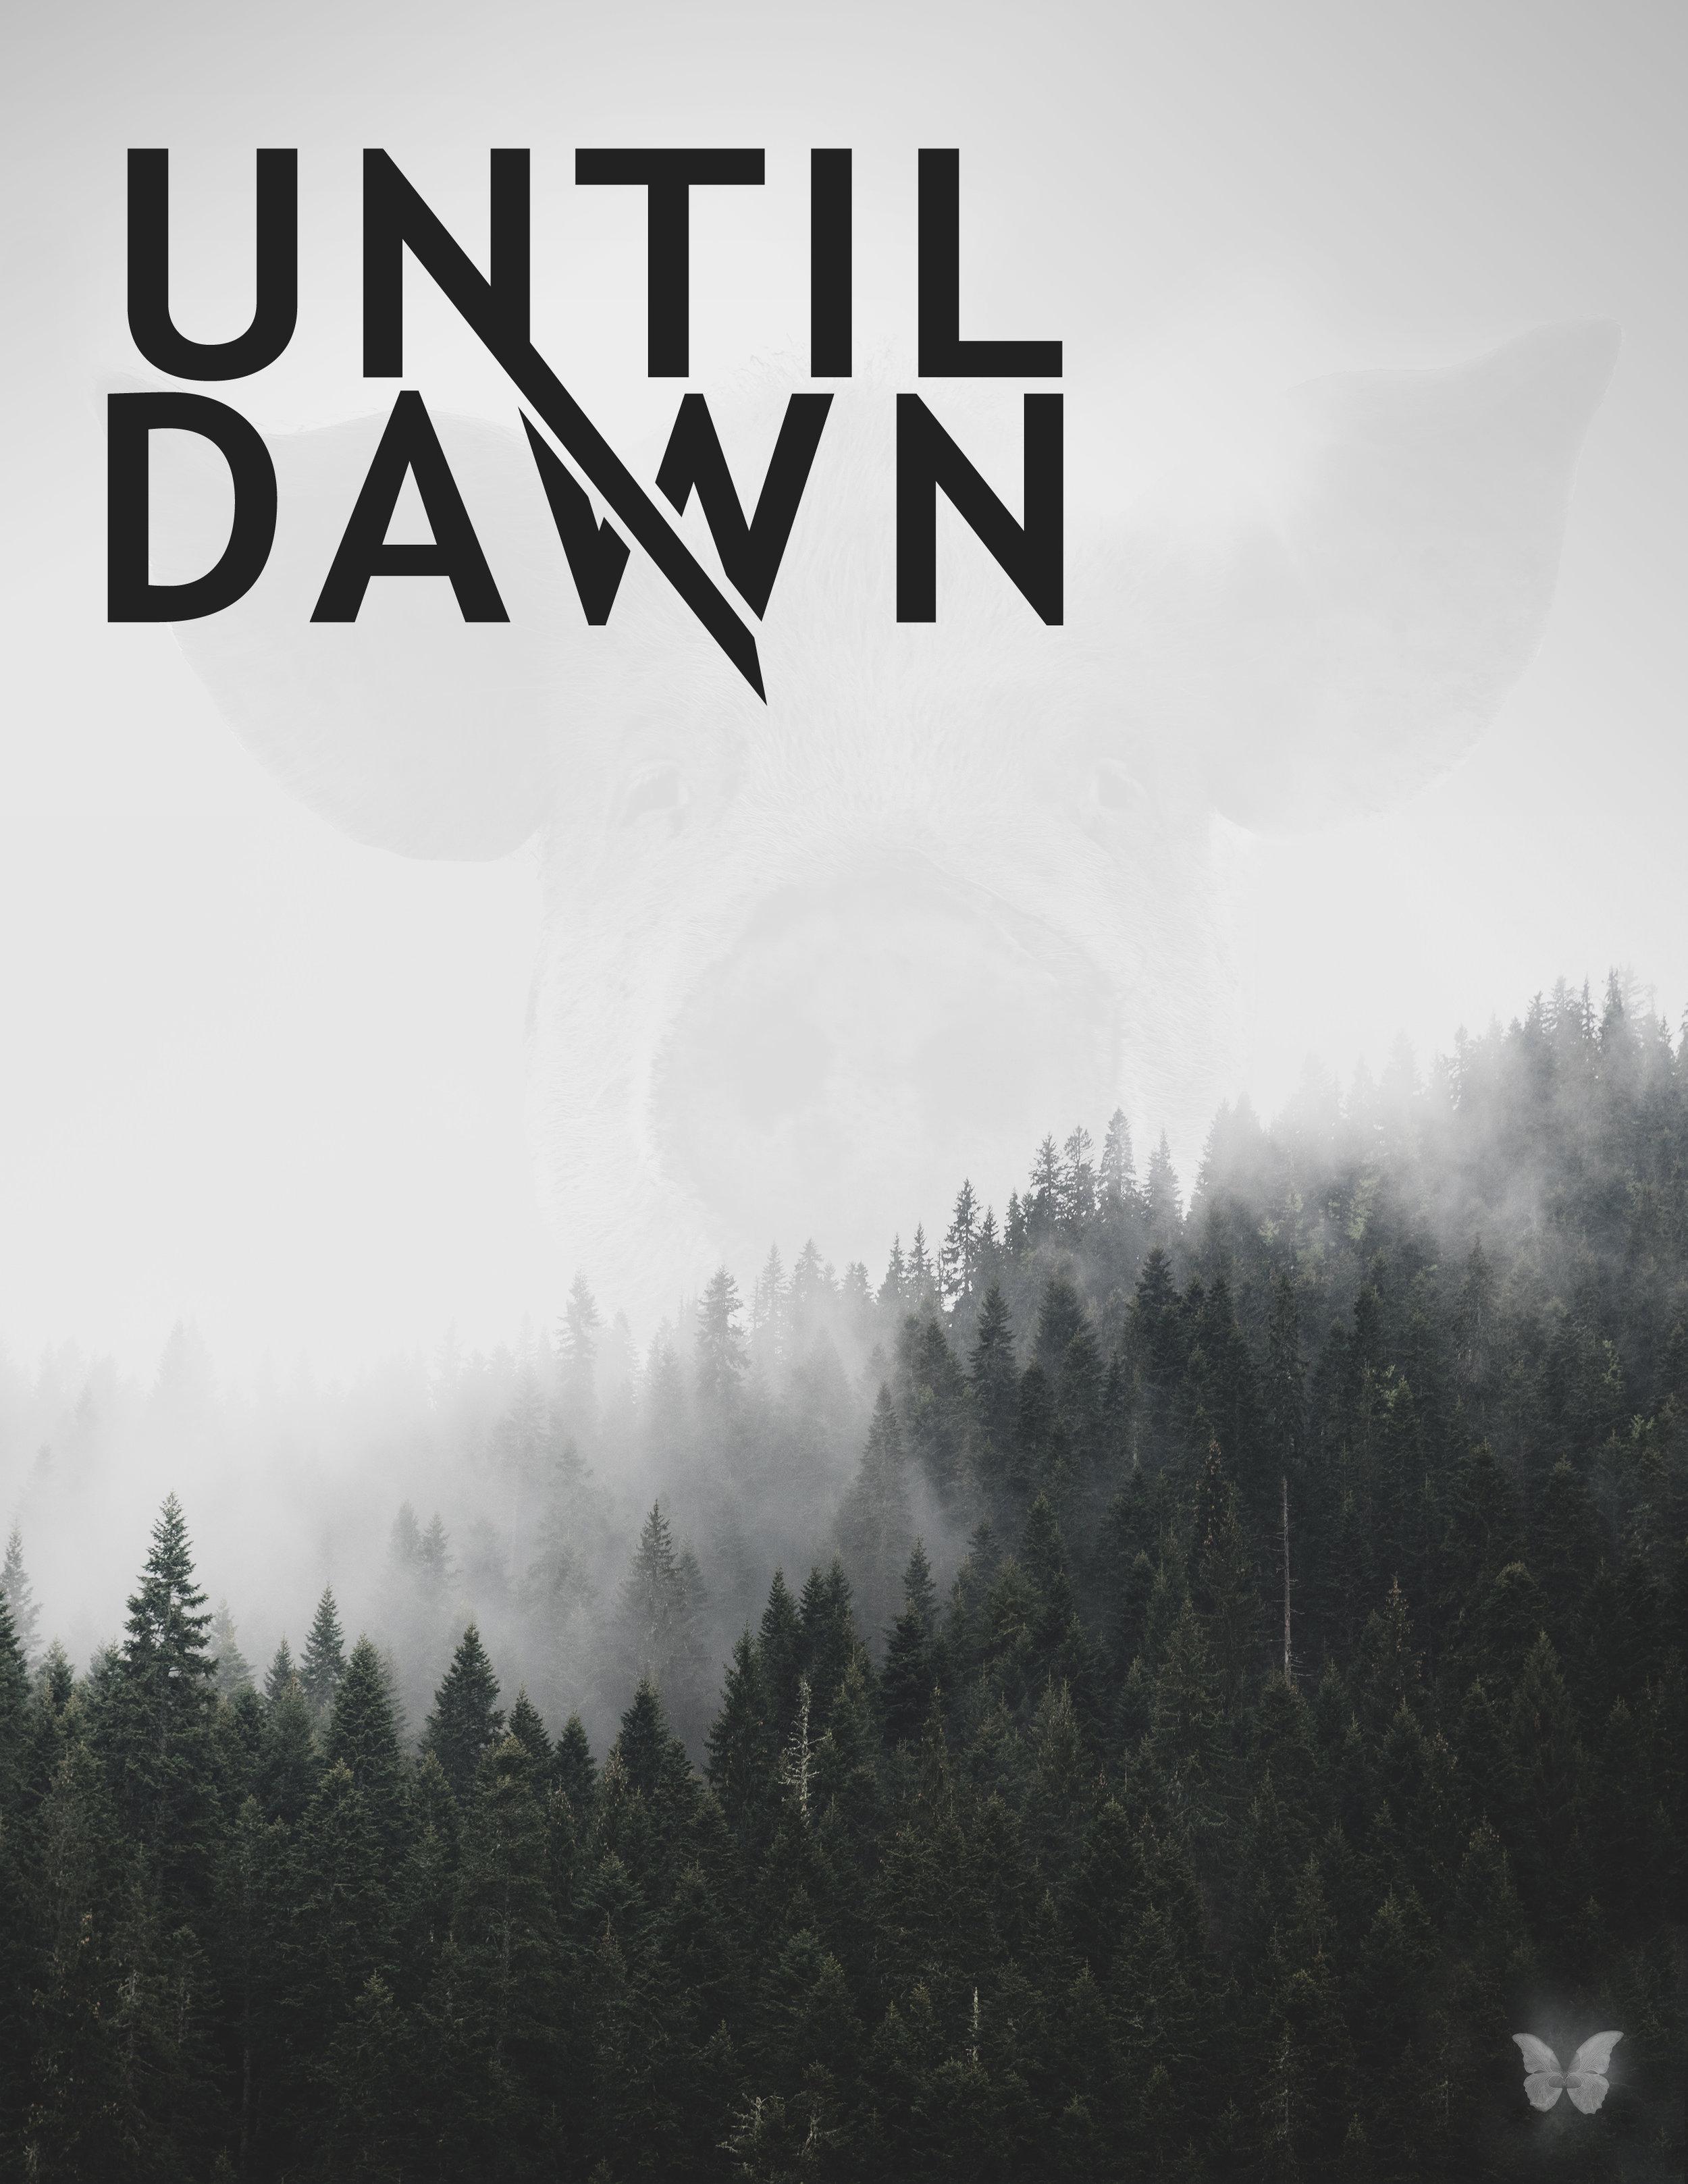 UntilDawn-1WEB.jpg